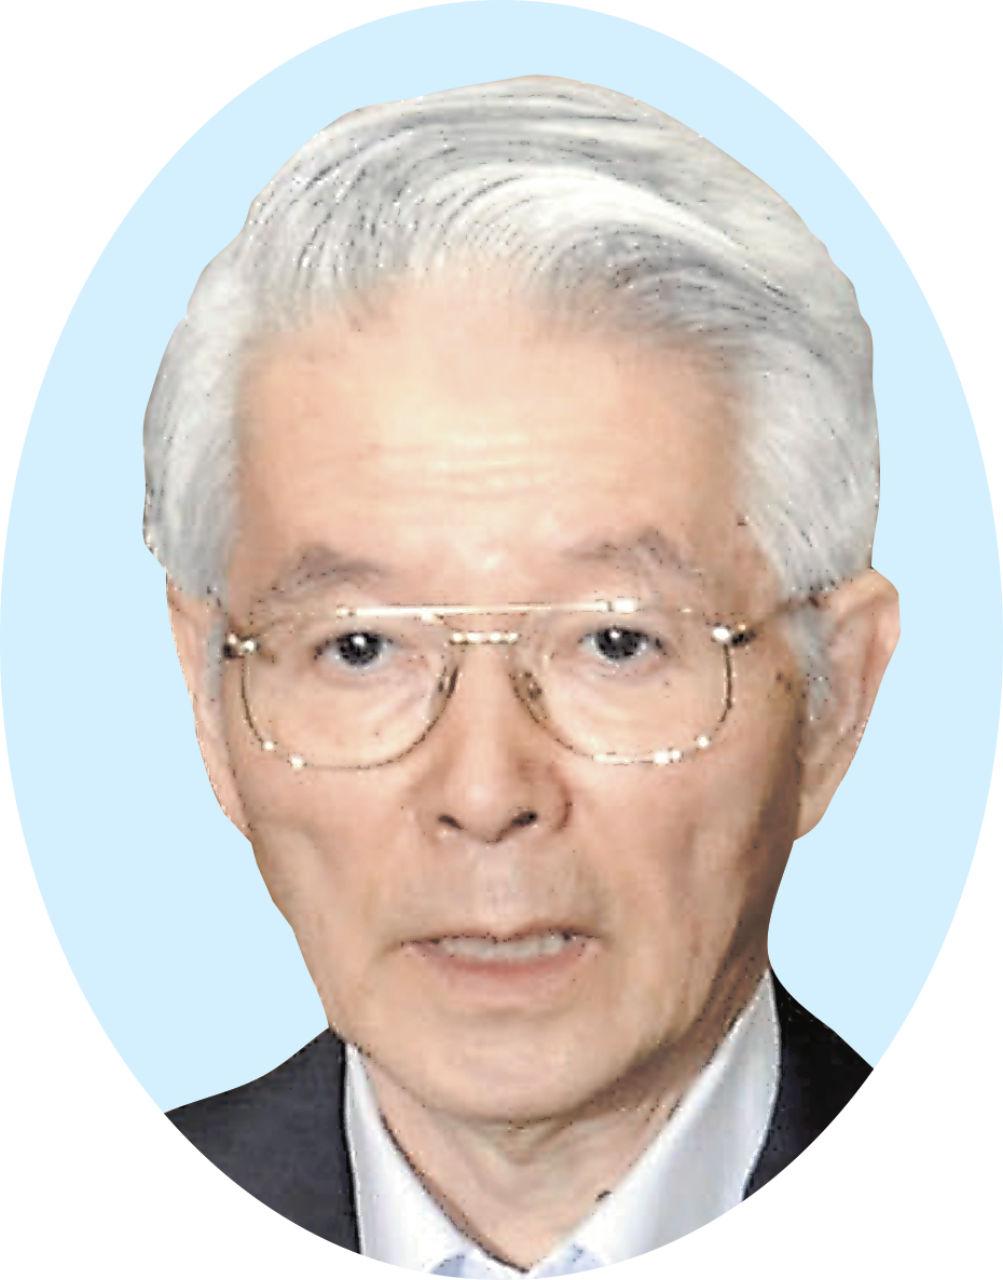 東京電力の勝俣恒久元会長